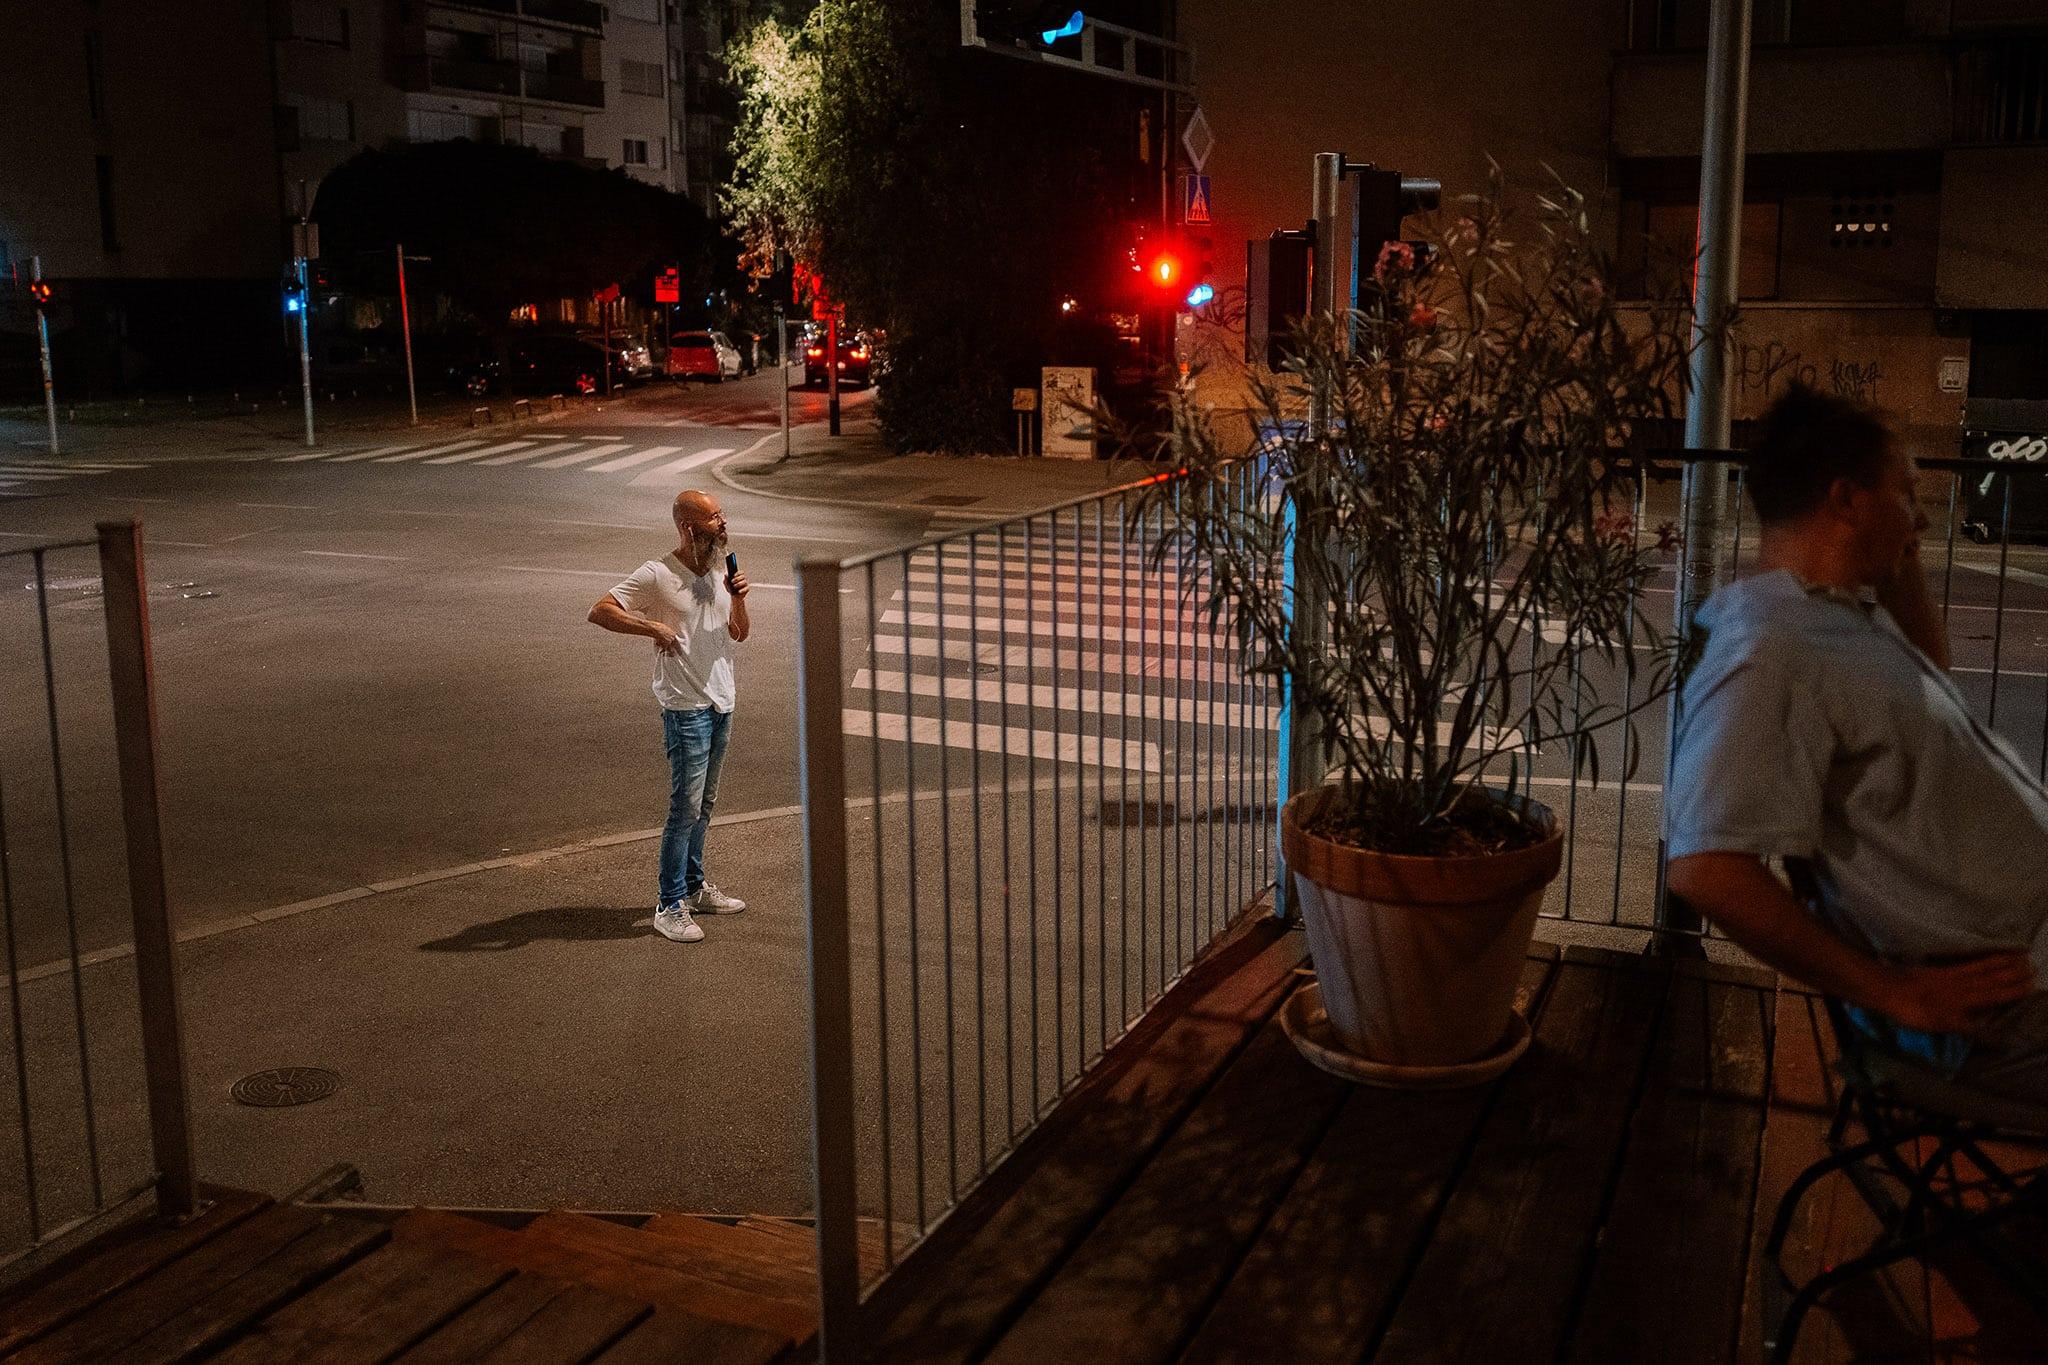 życie nocne miasta